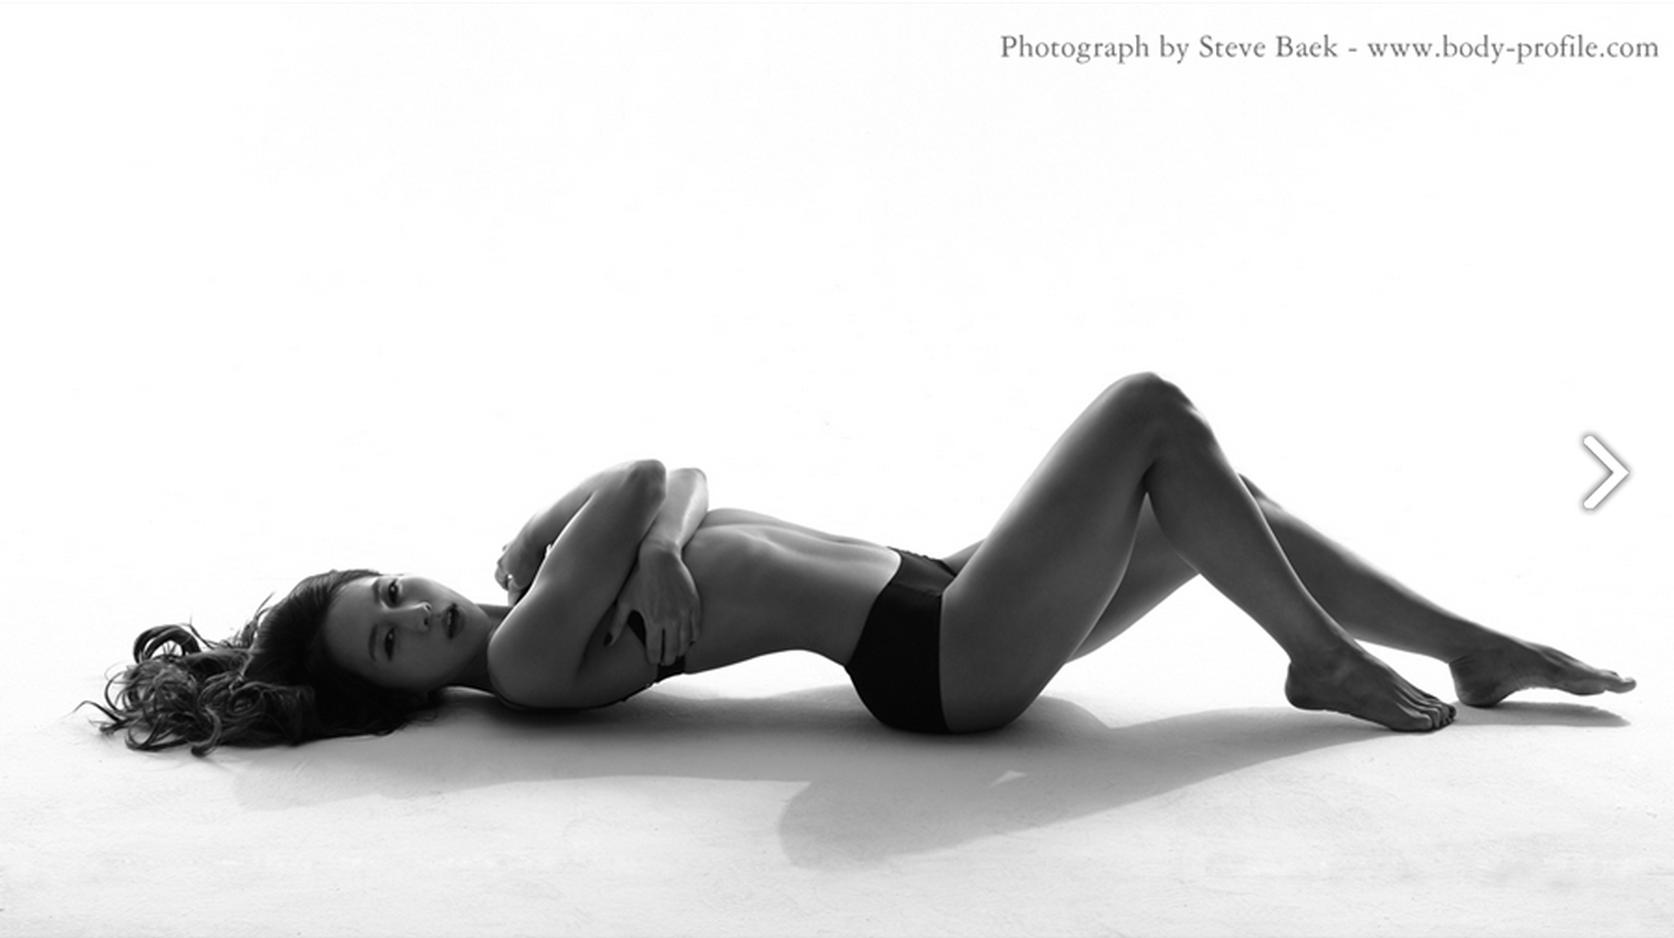 sexy black white woman poses - Google Search